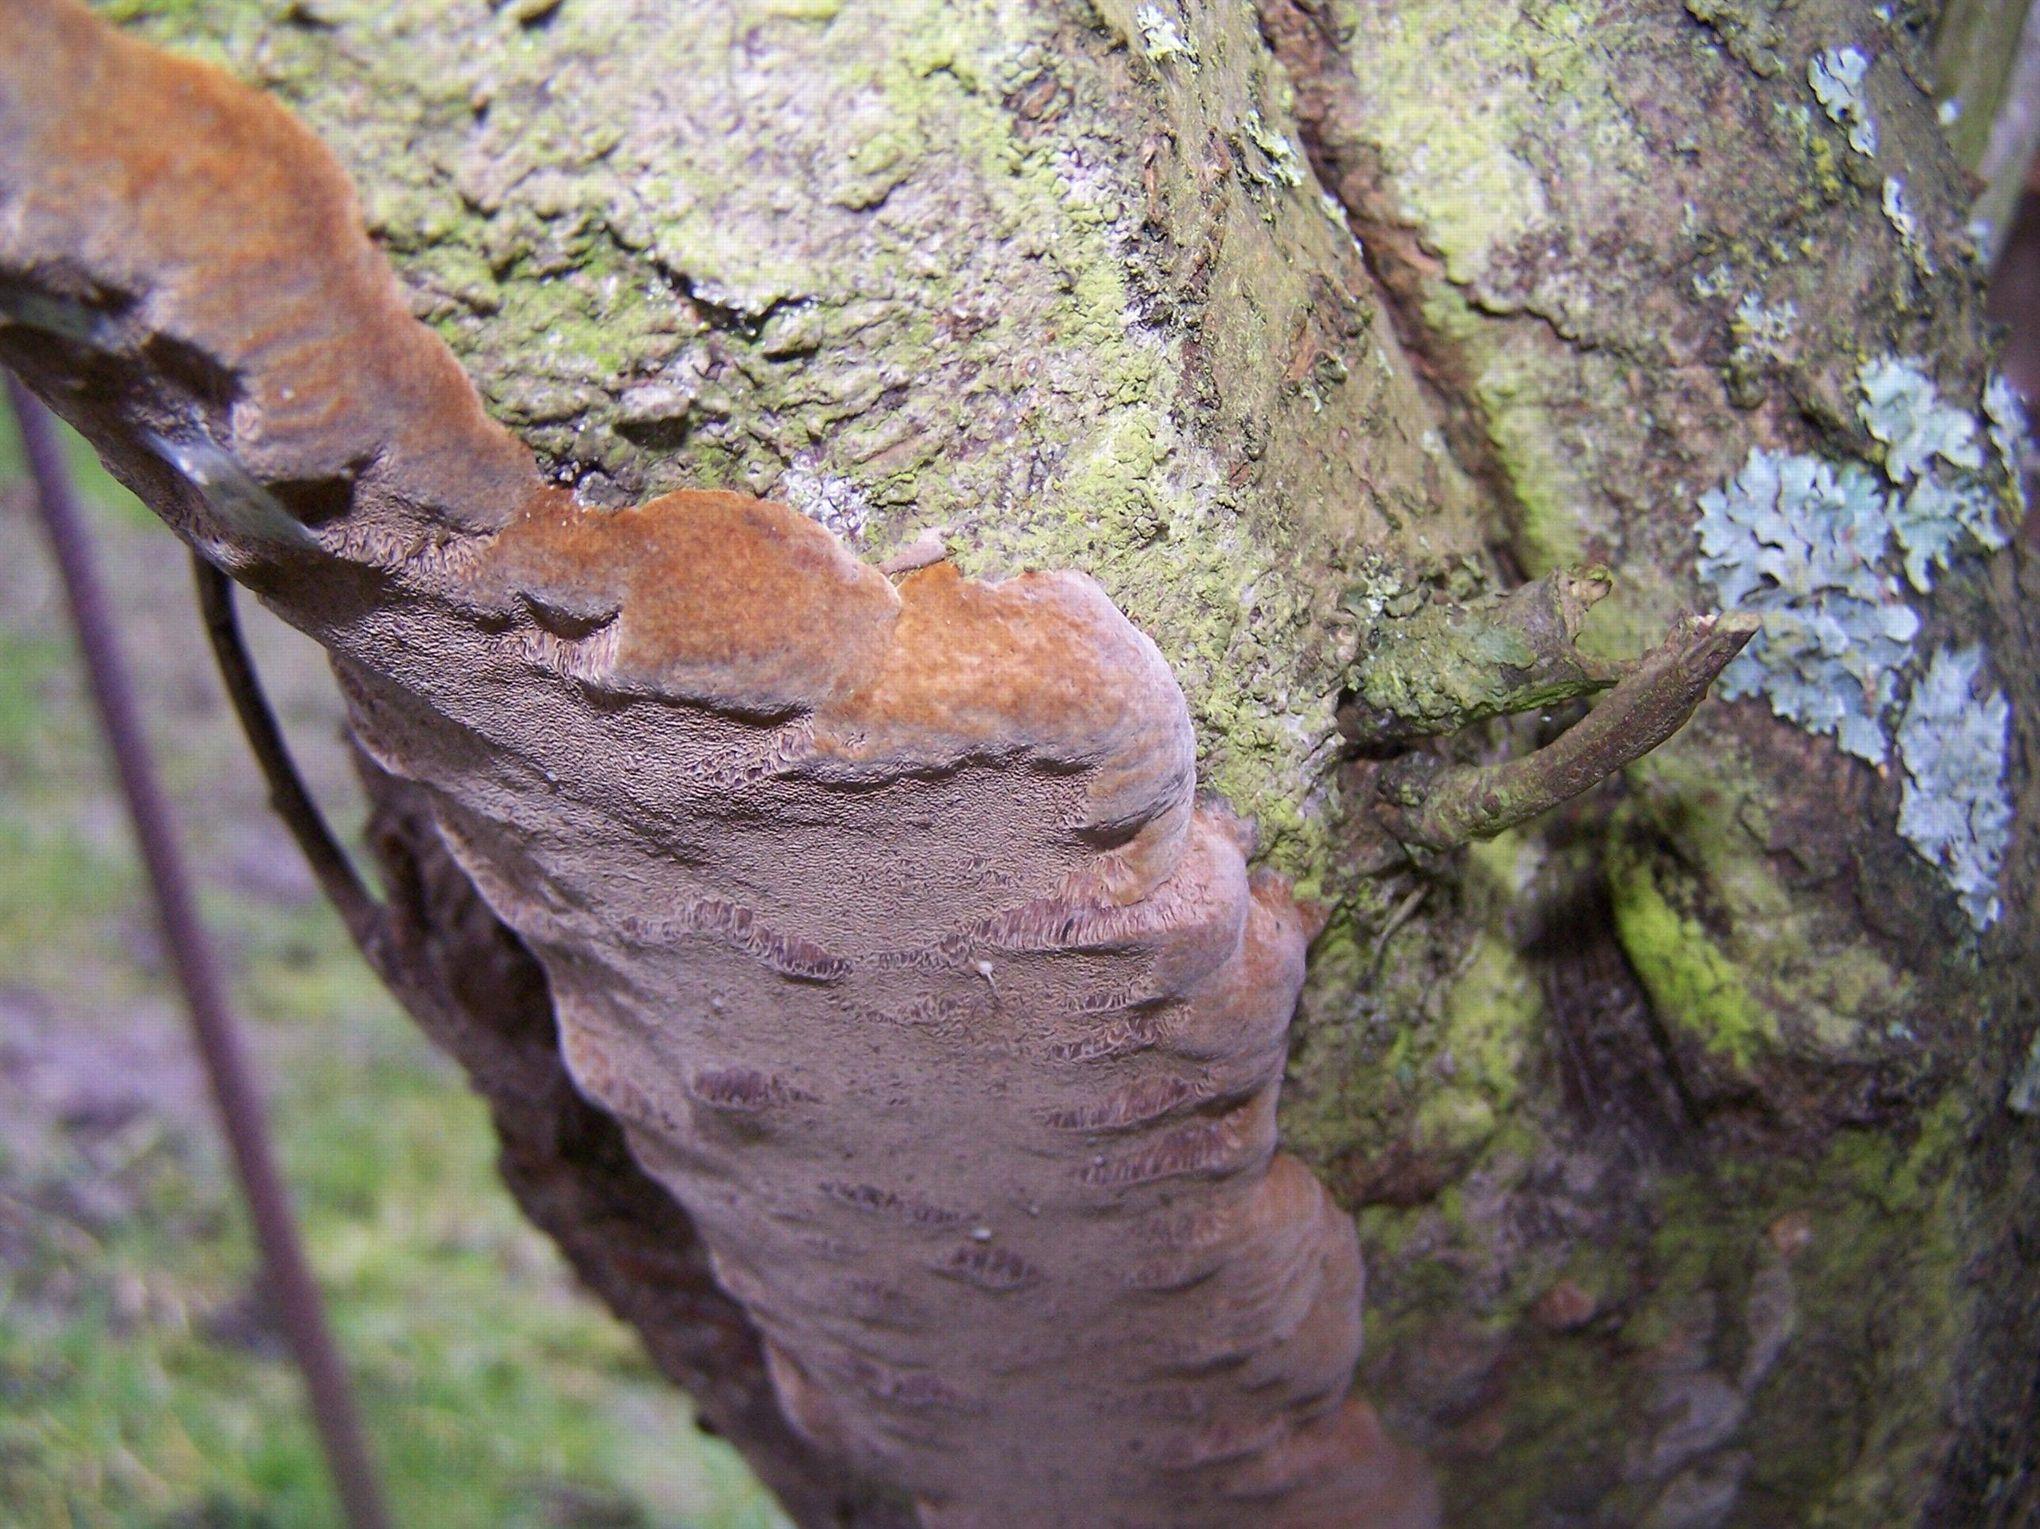 Comment soigner un prunier envahi de champignons - Champignon sur tronc d arbre ...